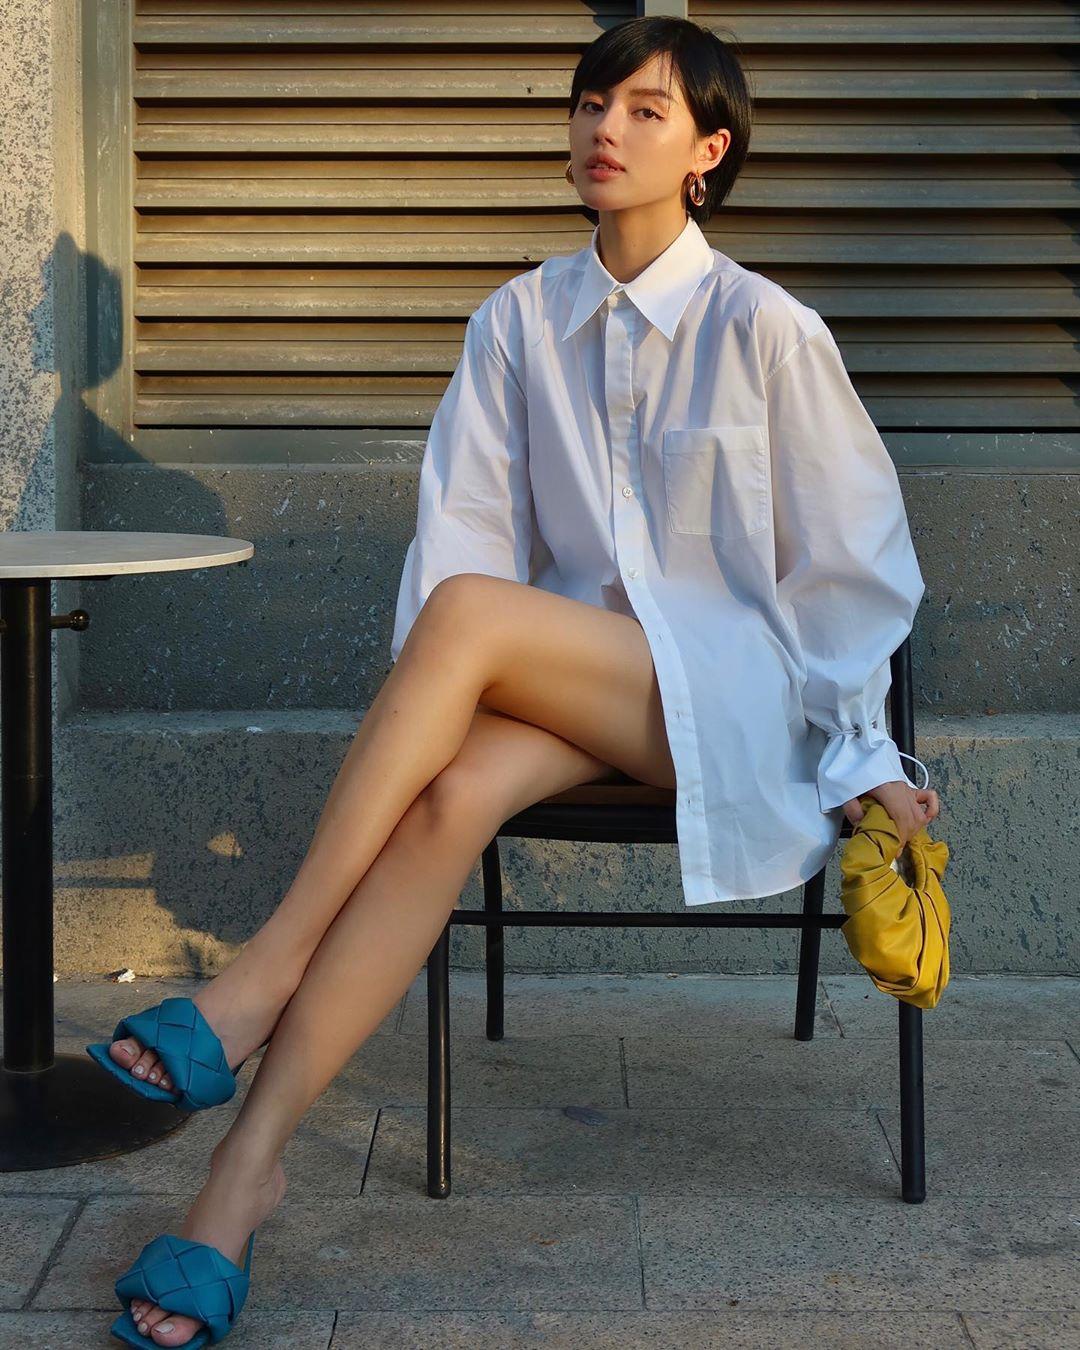 Khánh Linh mang giày mules mũi vuông màu xanh, mặc áo sơ mi trắng oversized